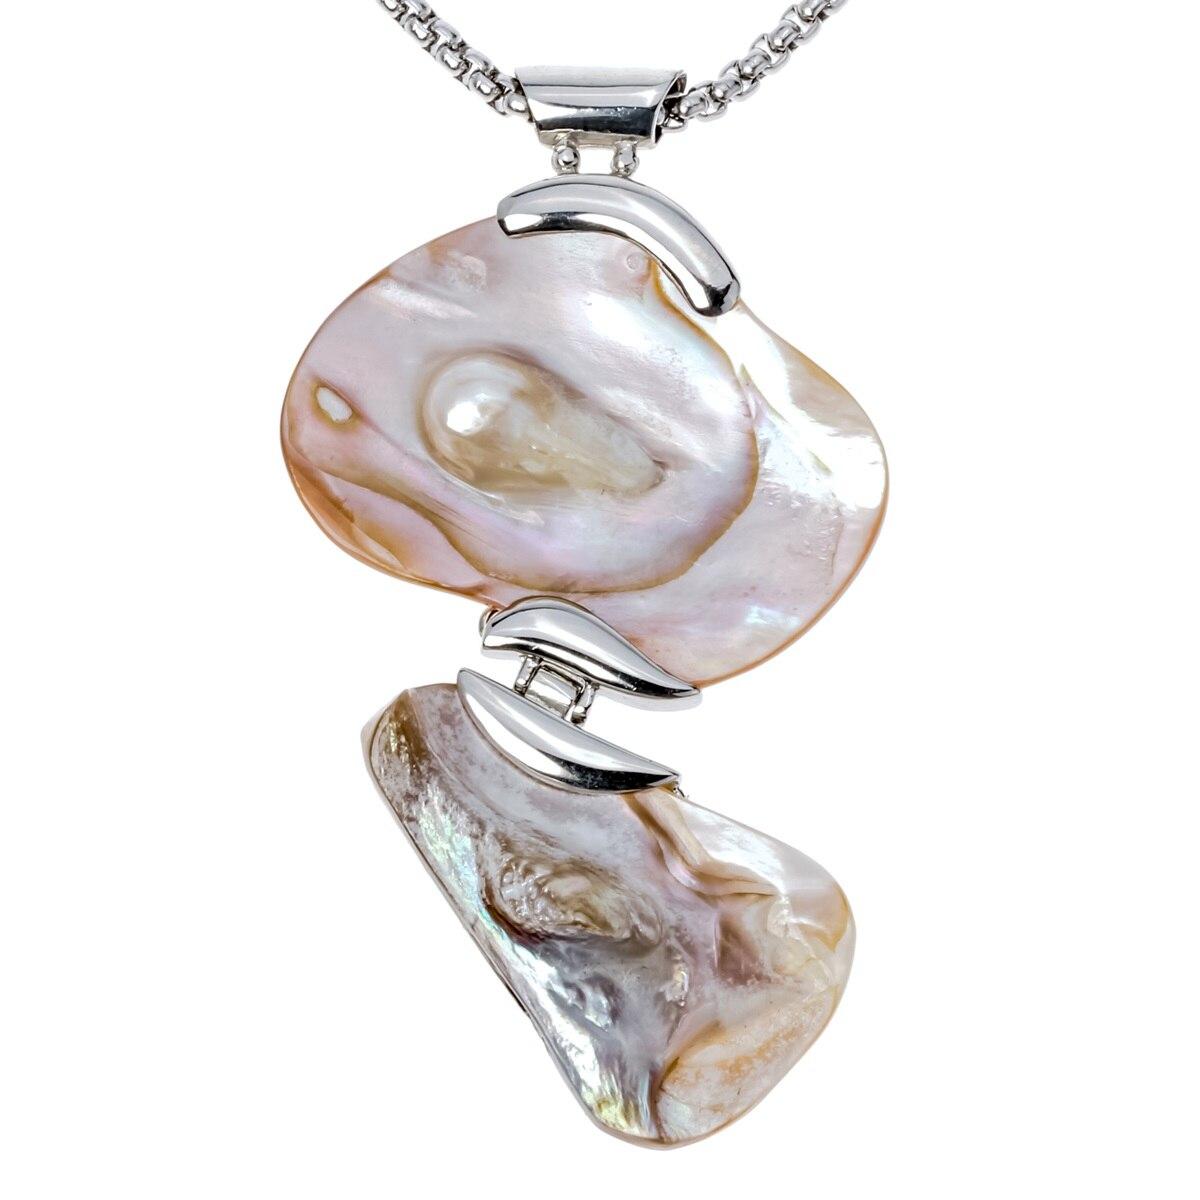 Mother Of Pearl Shell ожерелье w нержавеющей стали цепи ювелирные изделия подарки на день рождения для женщин Ее жена подруга i015 ...